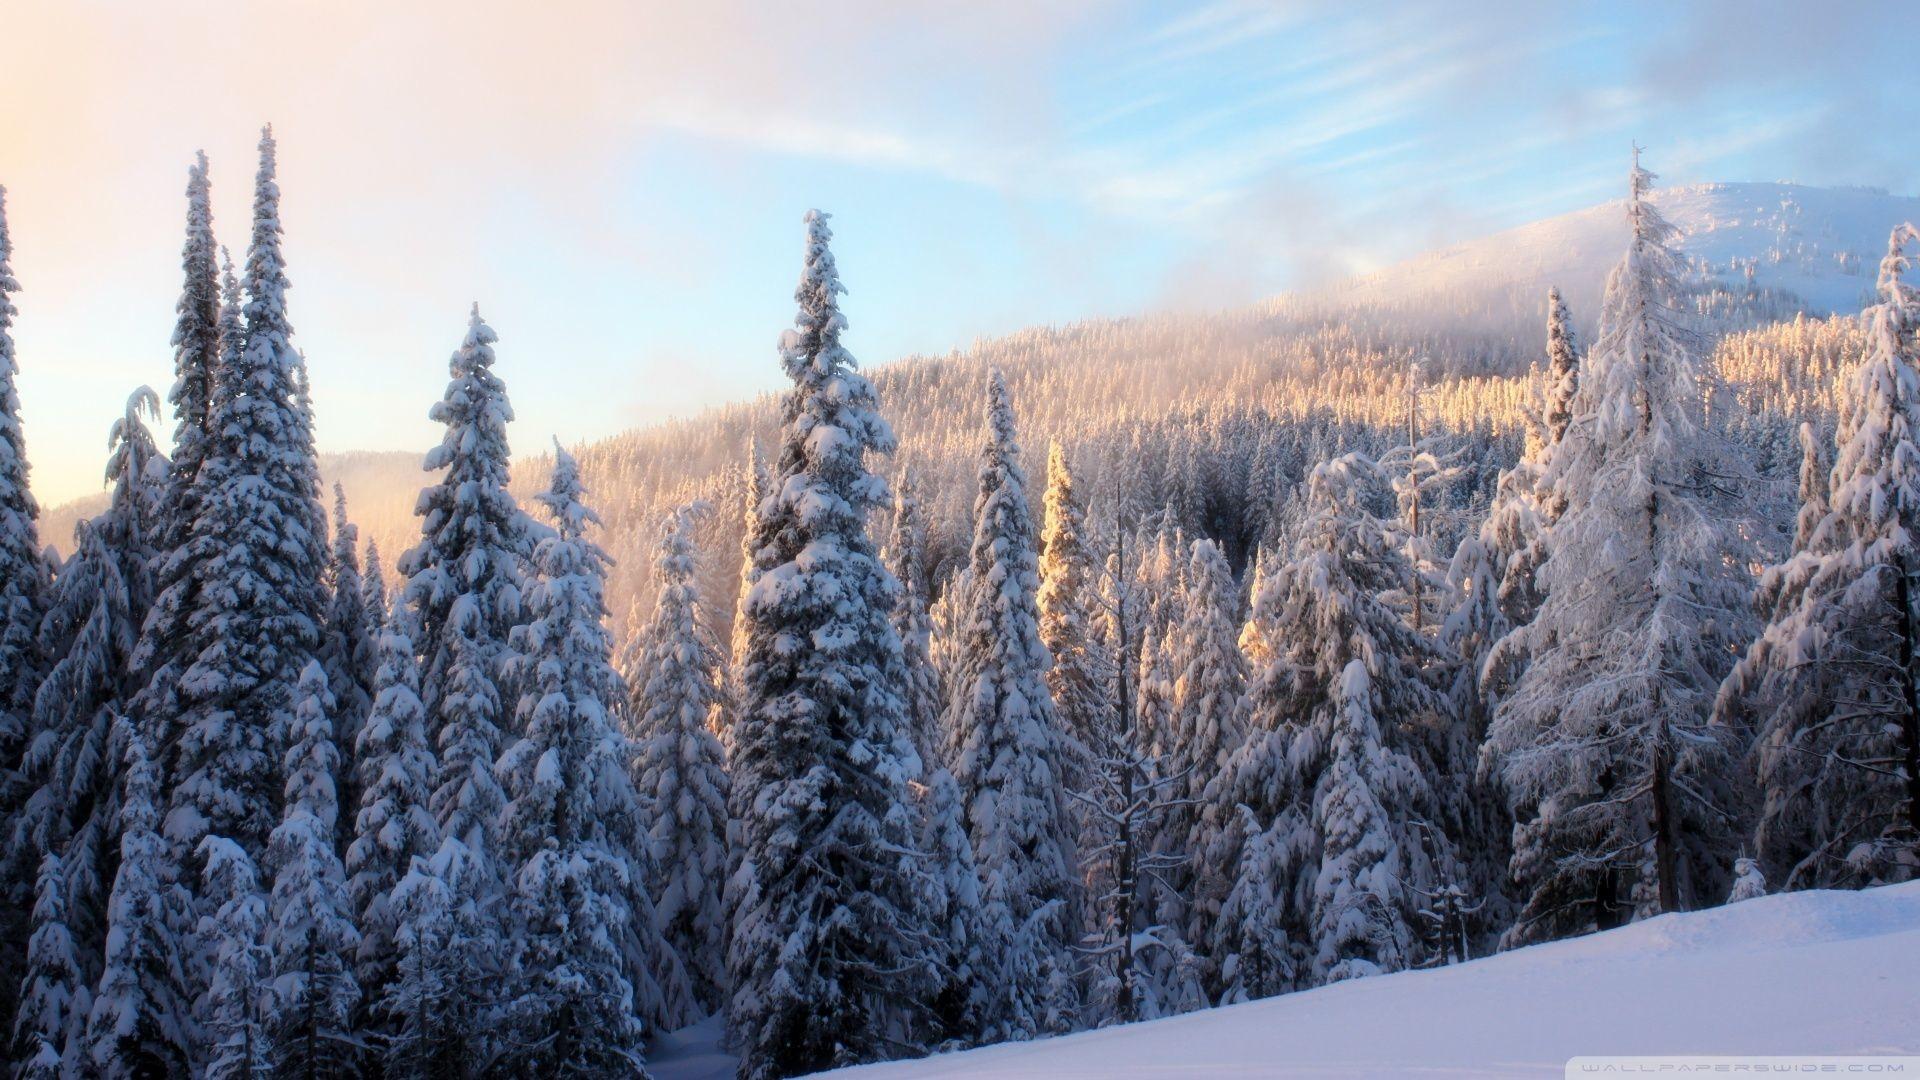 Res: 1920x1080, Fir Trees Under The Snow Forest HD desktop wallpaper High